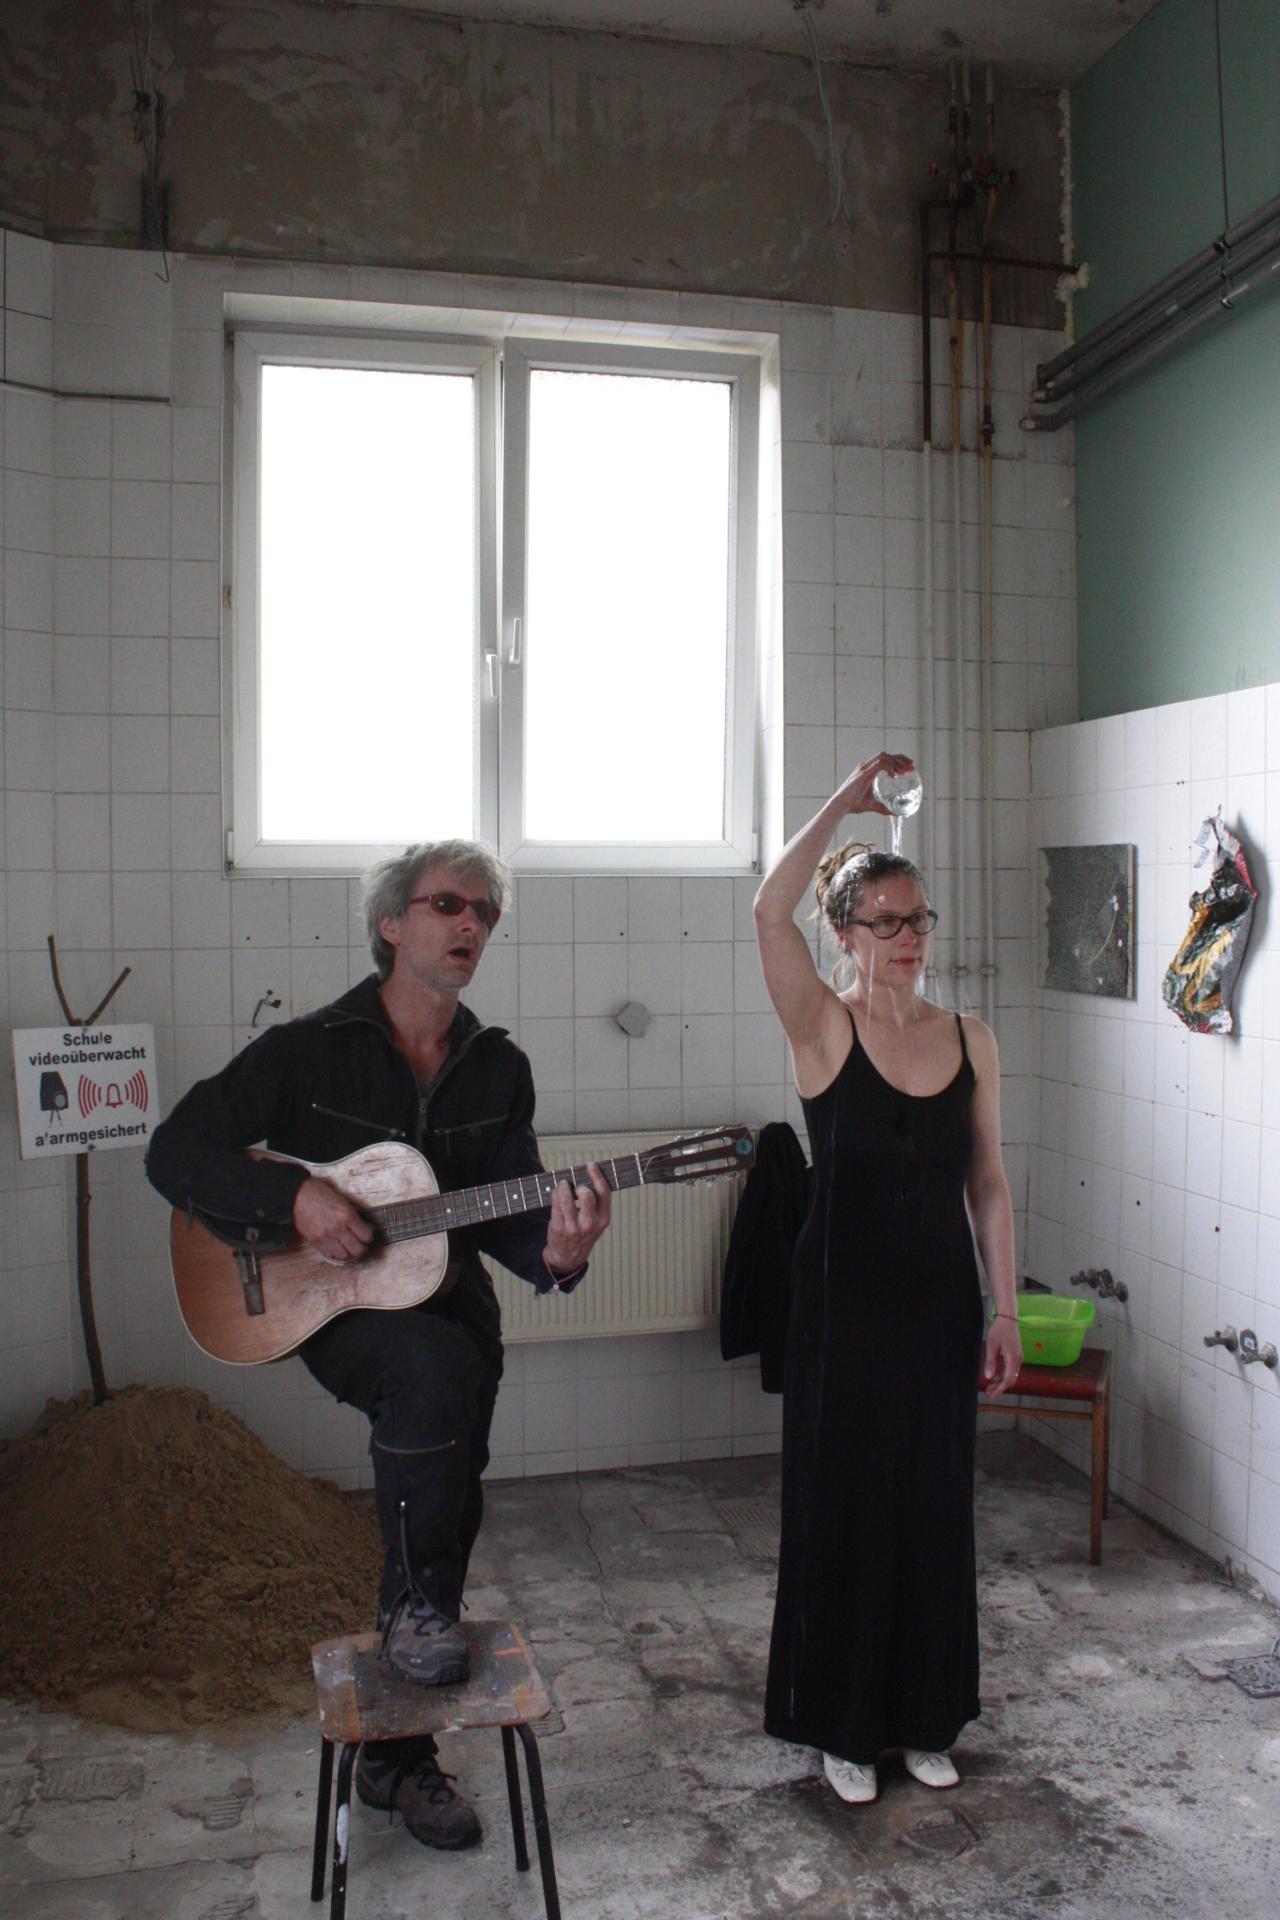 laboratorium haus 1 Udo Koloska Projekte